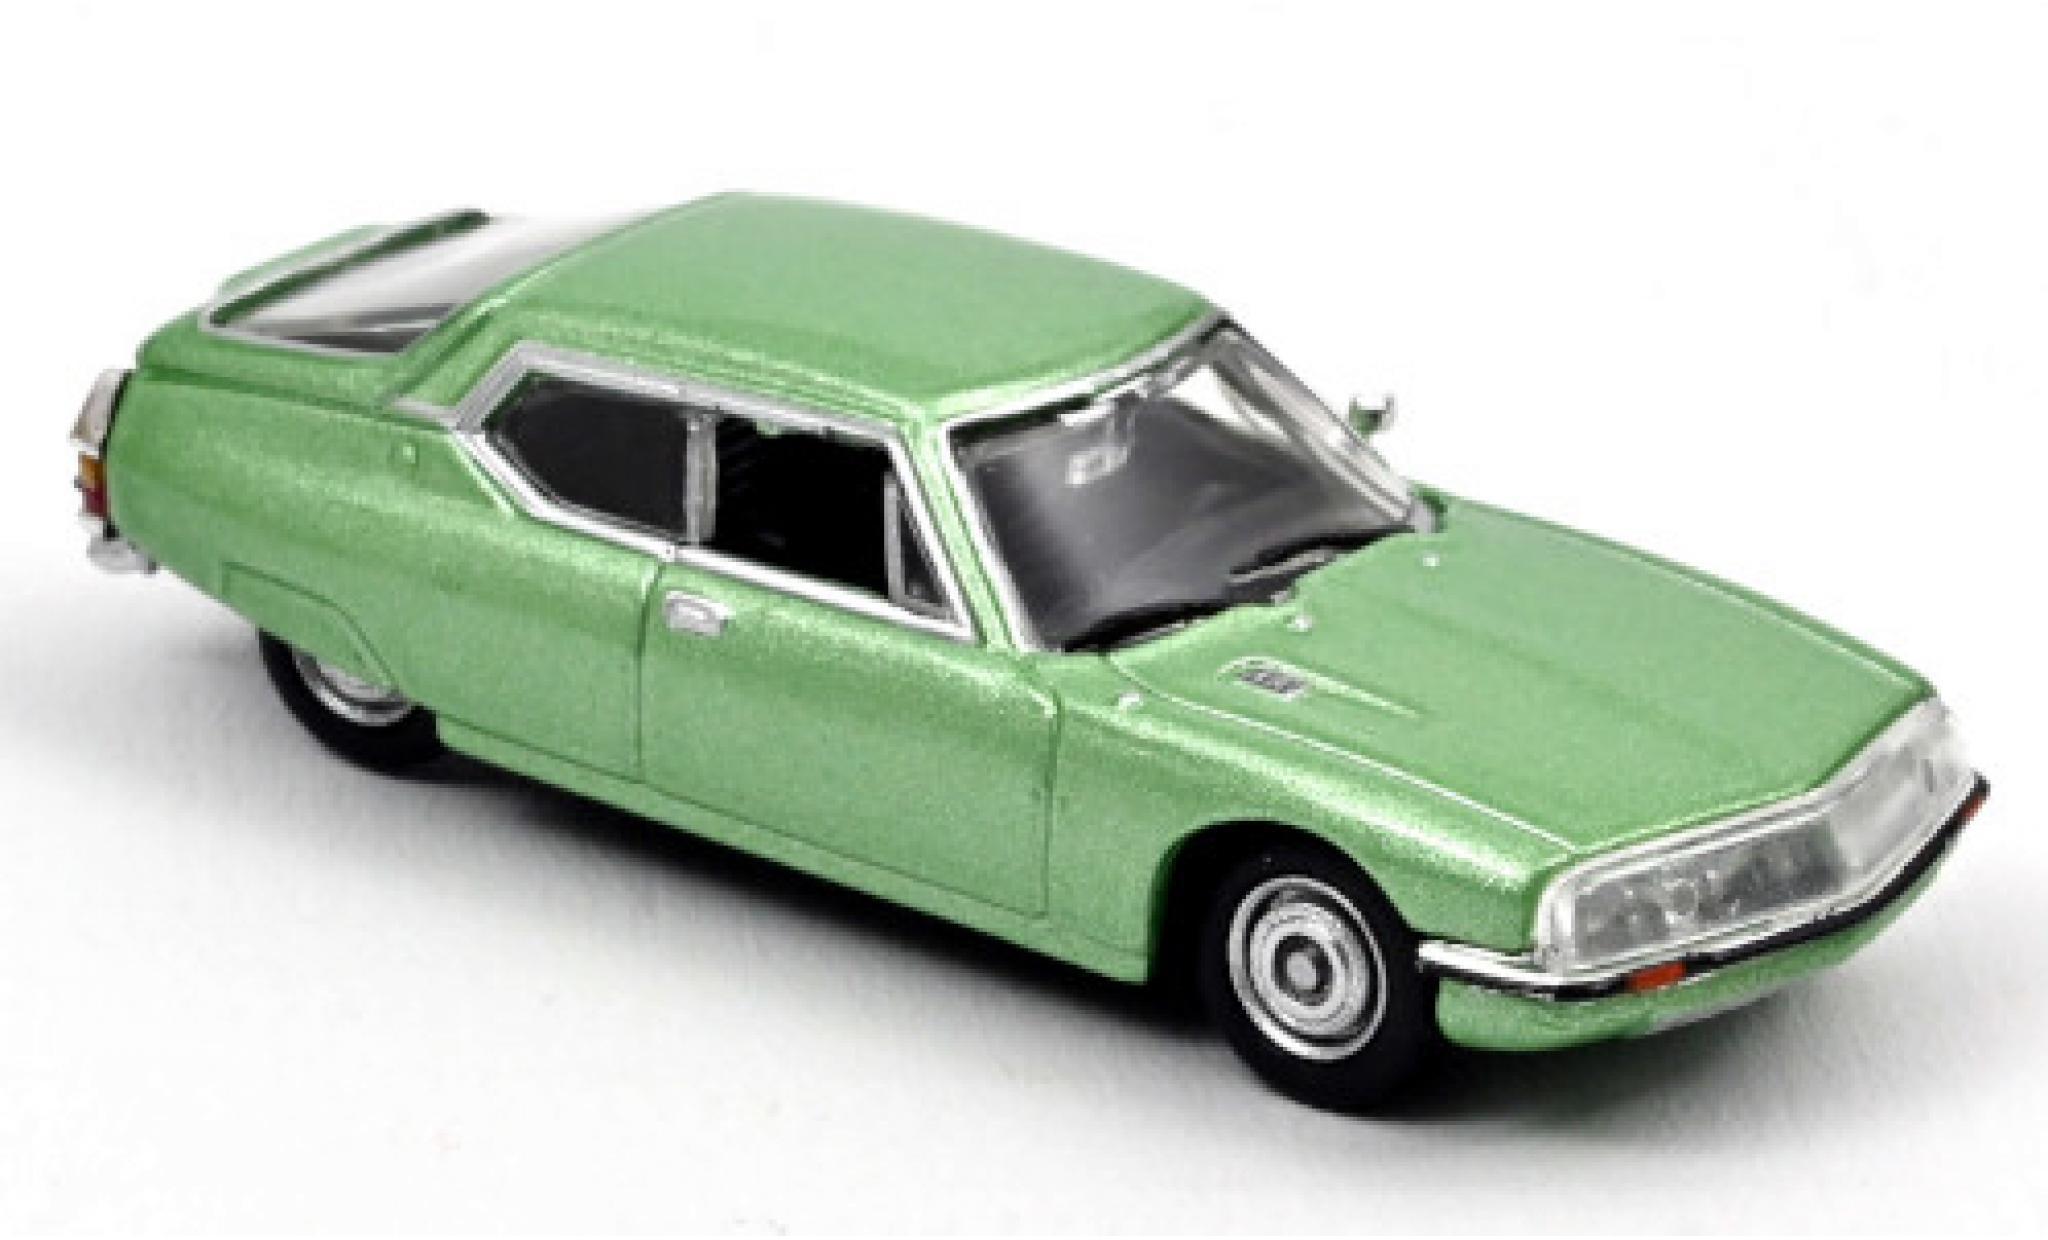 Citroen SM 1/87 Norev metallise verte 1972